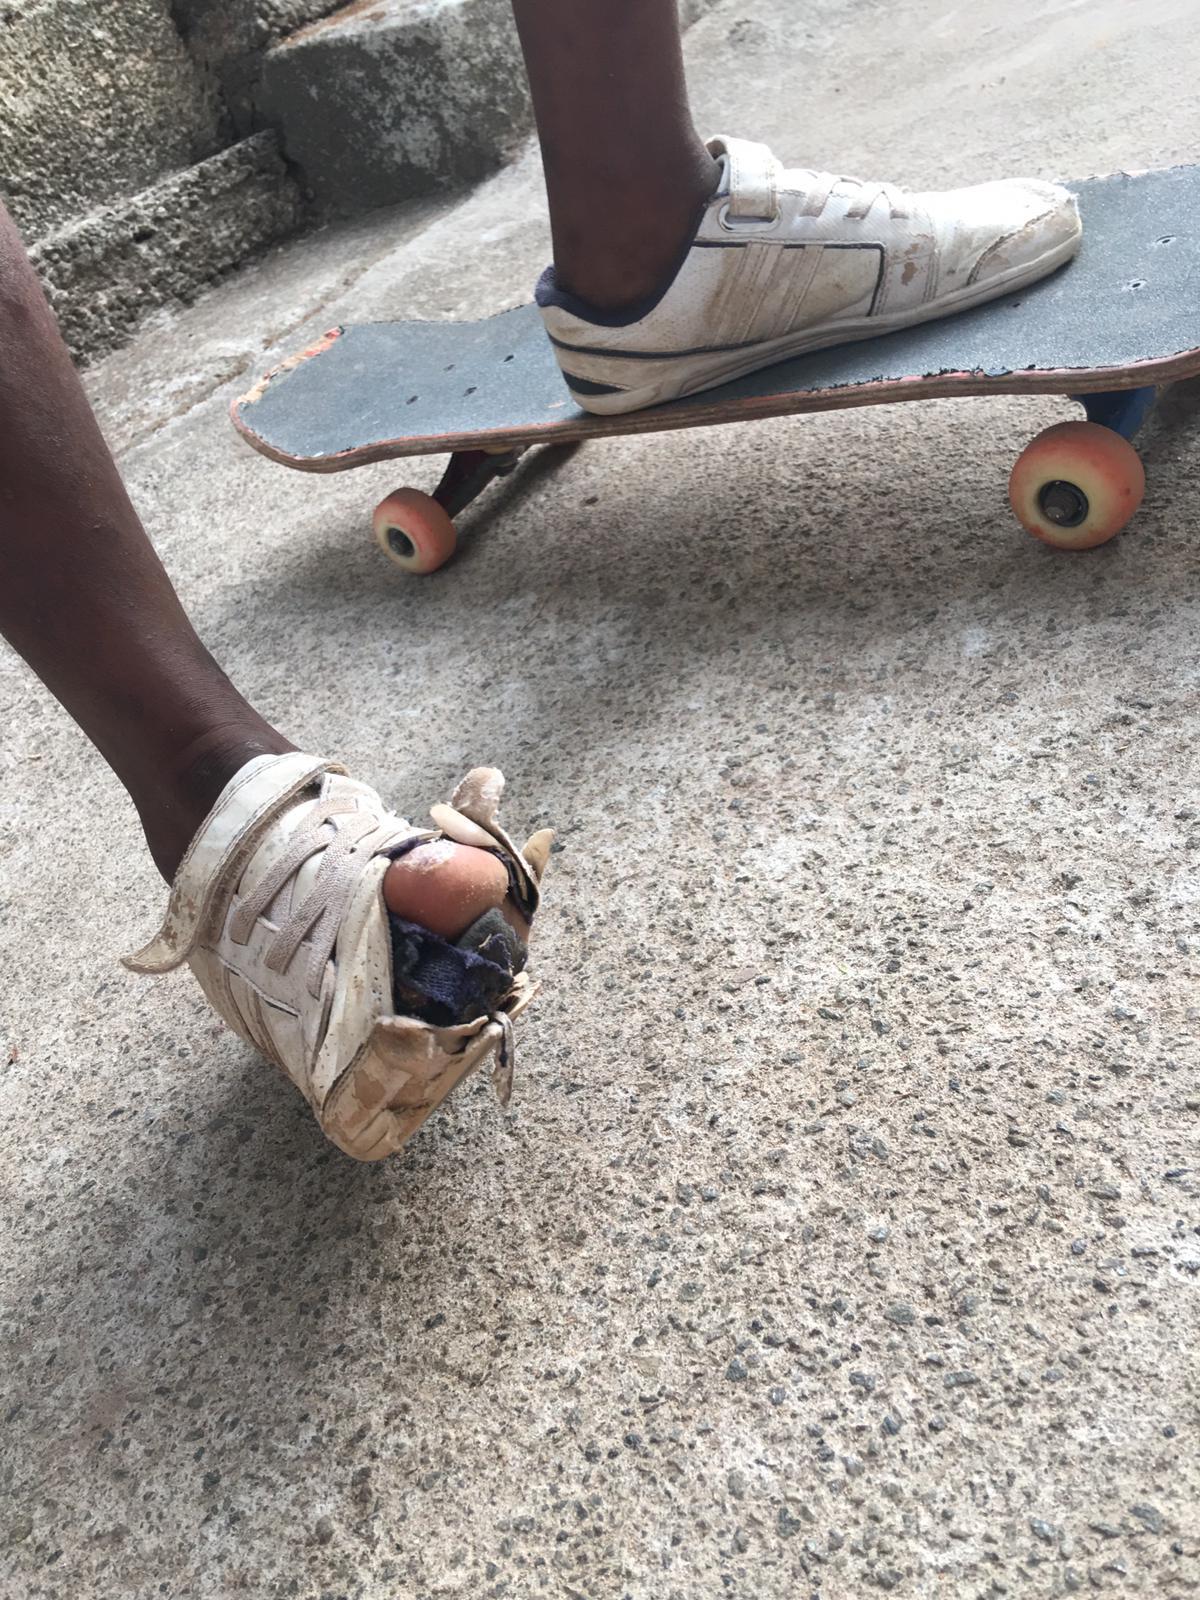 Philosophie - SISP ist eine non-profit Organisation, die im Jahr 1997 von zwei Belgiern gegründet wurde.Sie bietet den armen Kindern der Region eine wahre Chance auf ein besseres Leben für ihre Familie durch eine Schulausbildung.Um die Anwesenheit der Schüler zu fördern, bietet ihnen SISP kostenlosen Skateboard-Unterricht, an dem die Kinder teilnehmen können, wenn sie regelmäßig im Unterricht erscheinen.